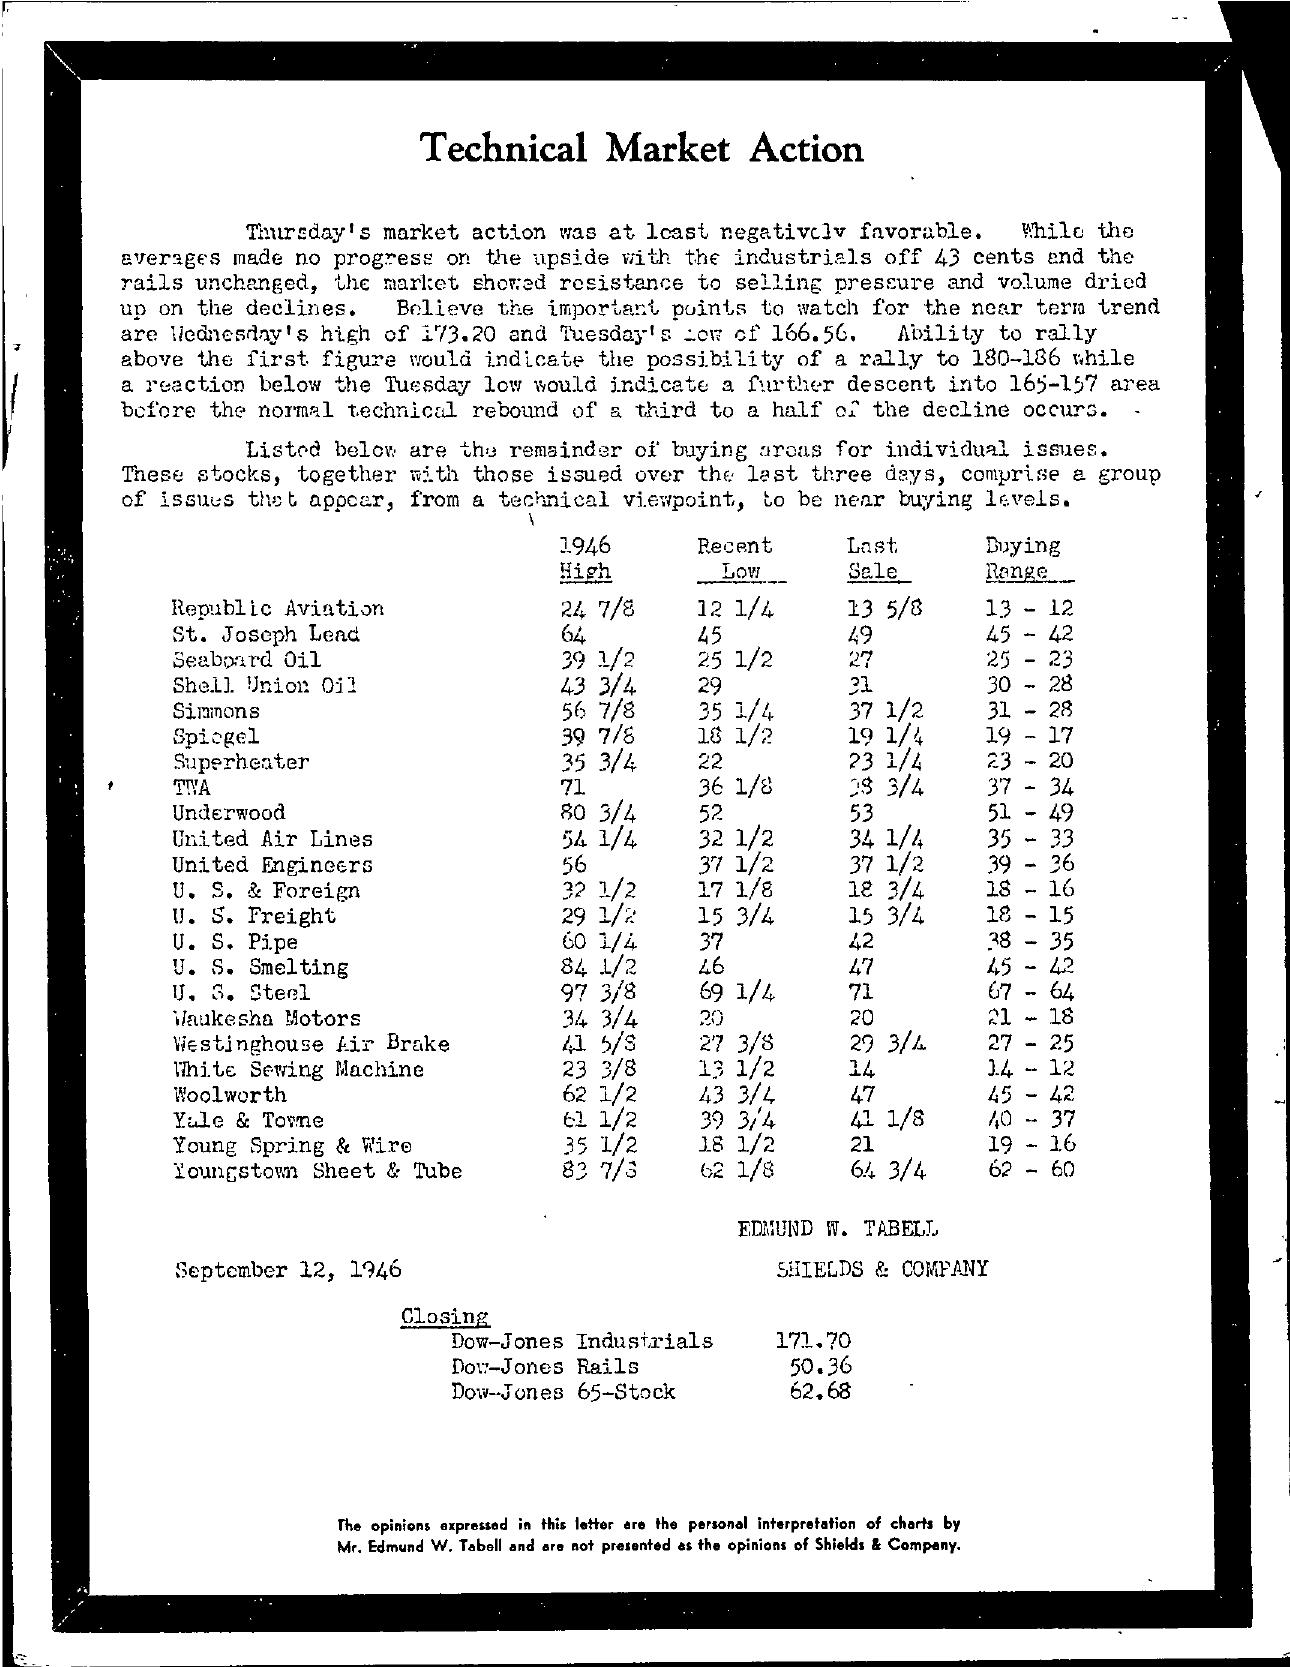 Tabell's Market Letter - September 12, 1946